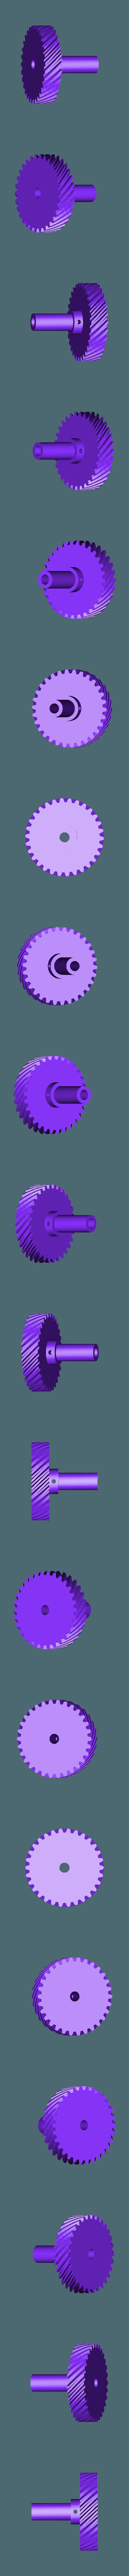 bighelical32t_0.7m_PIN.STL Télécharger fichier STL gratuit Camion Imprimé : Boîte de vitesses Rapport de démultiplication 18:1 à engrenages hélicoïdaux • Plan pour imprimante 3D, MrCrankyface